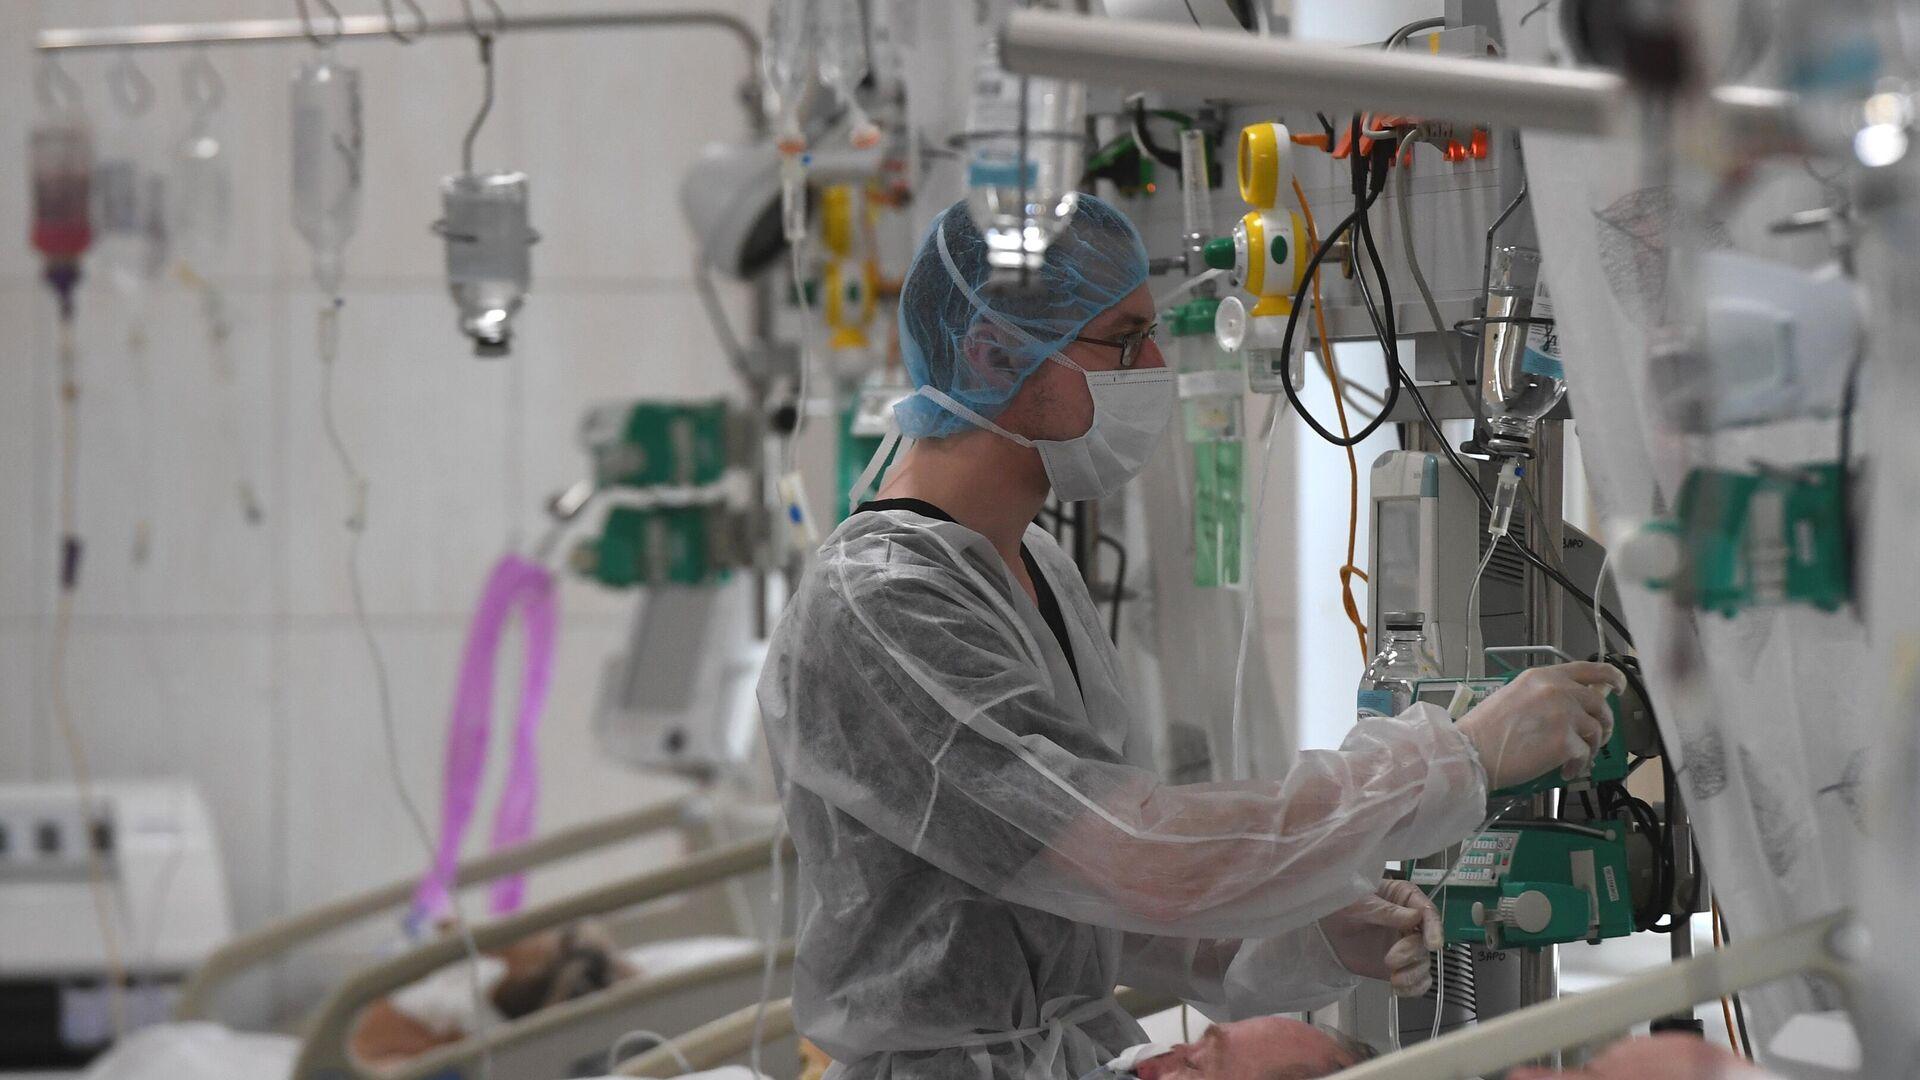 Медицинские работники и пациенты в отделении реанимации и интенсивной терапии - РИА Новости, 1920, 05.03.2021